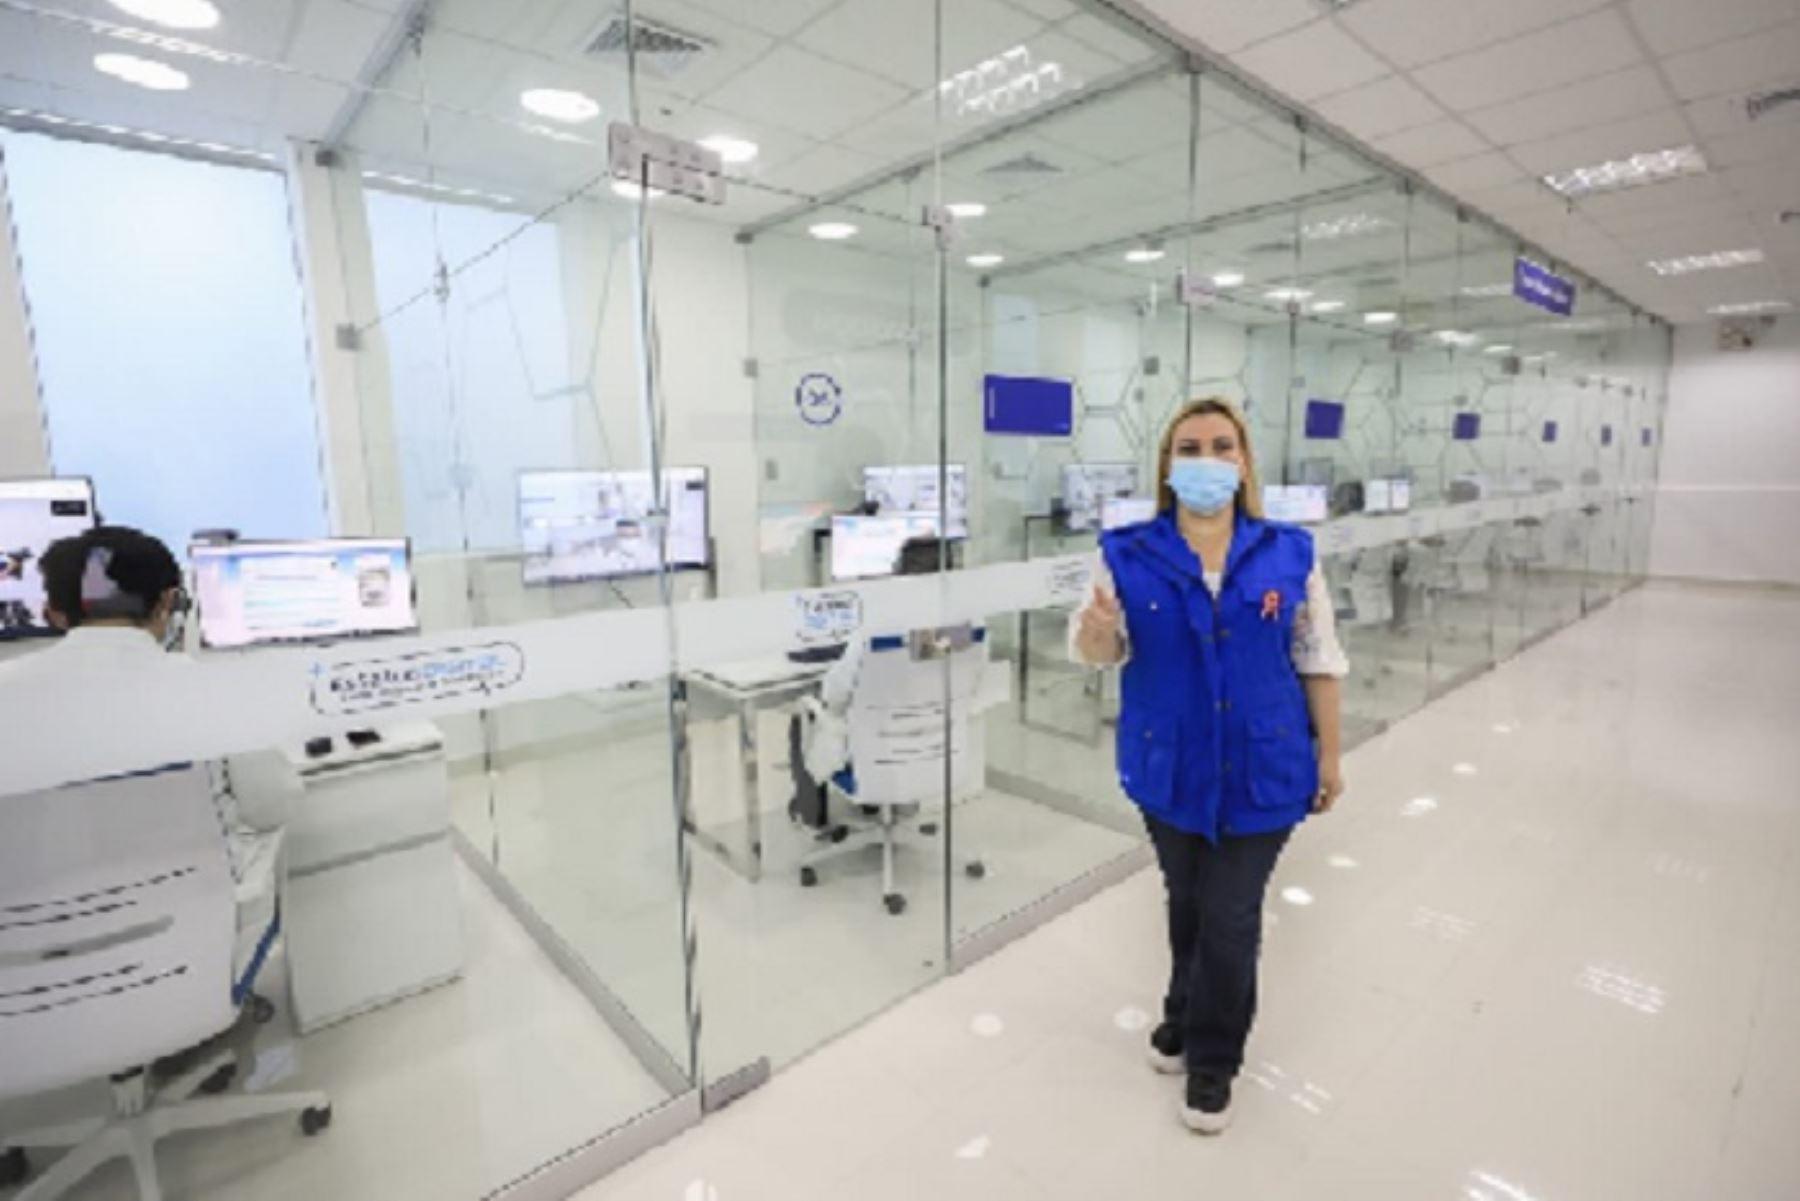 La presidenta de Essalud, Fiorella Molinelli, supervisó también la puesta en funcionamiento de 4 plantas de oxígeno, con la que suman 10 en la región.